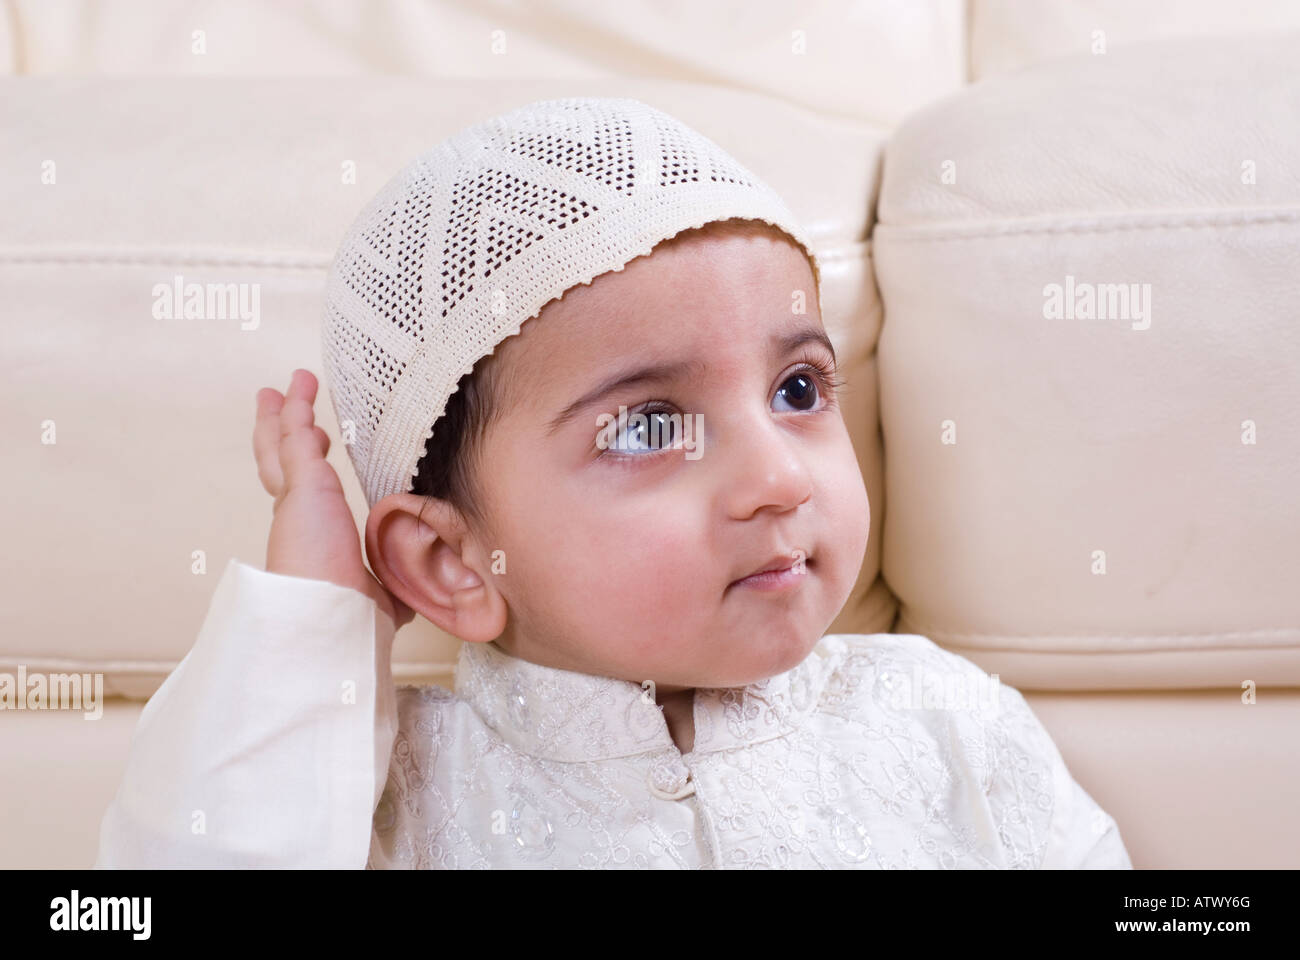 cute muslim baby in